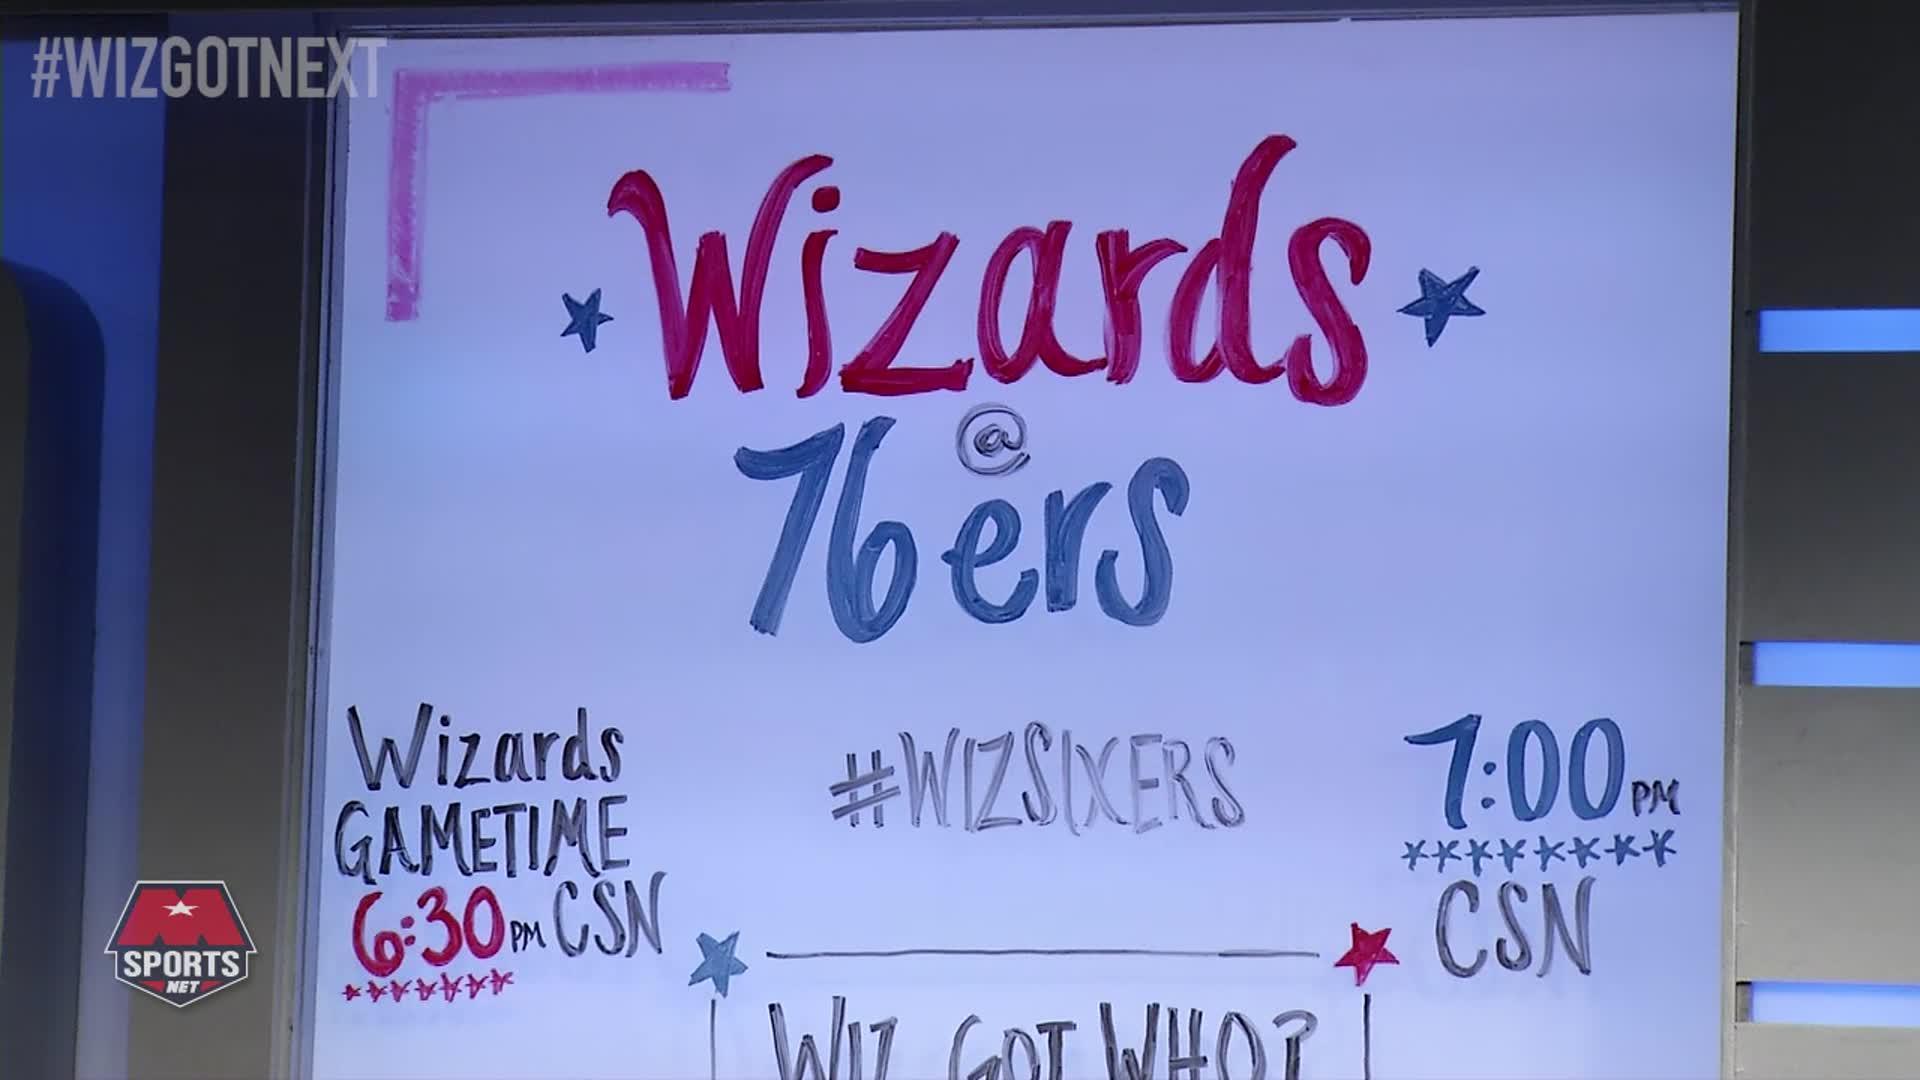 Wiz Got Next Pt 3 - Wiz @ 76ers 11-16-16